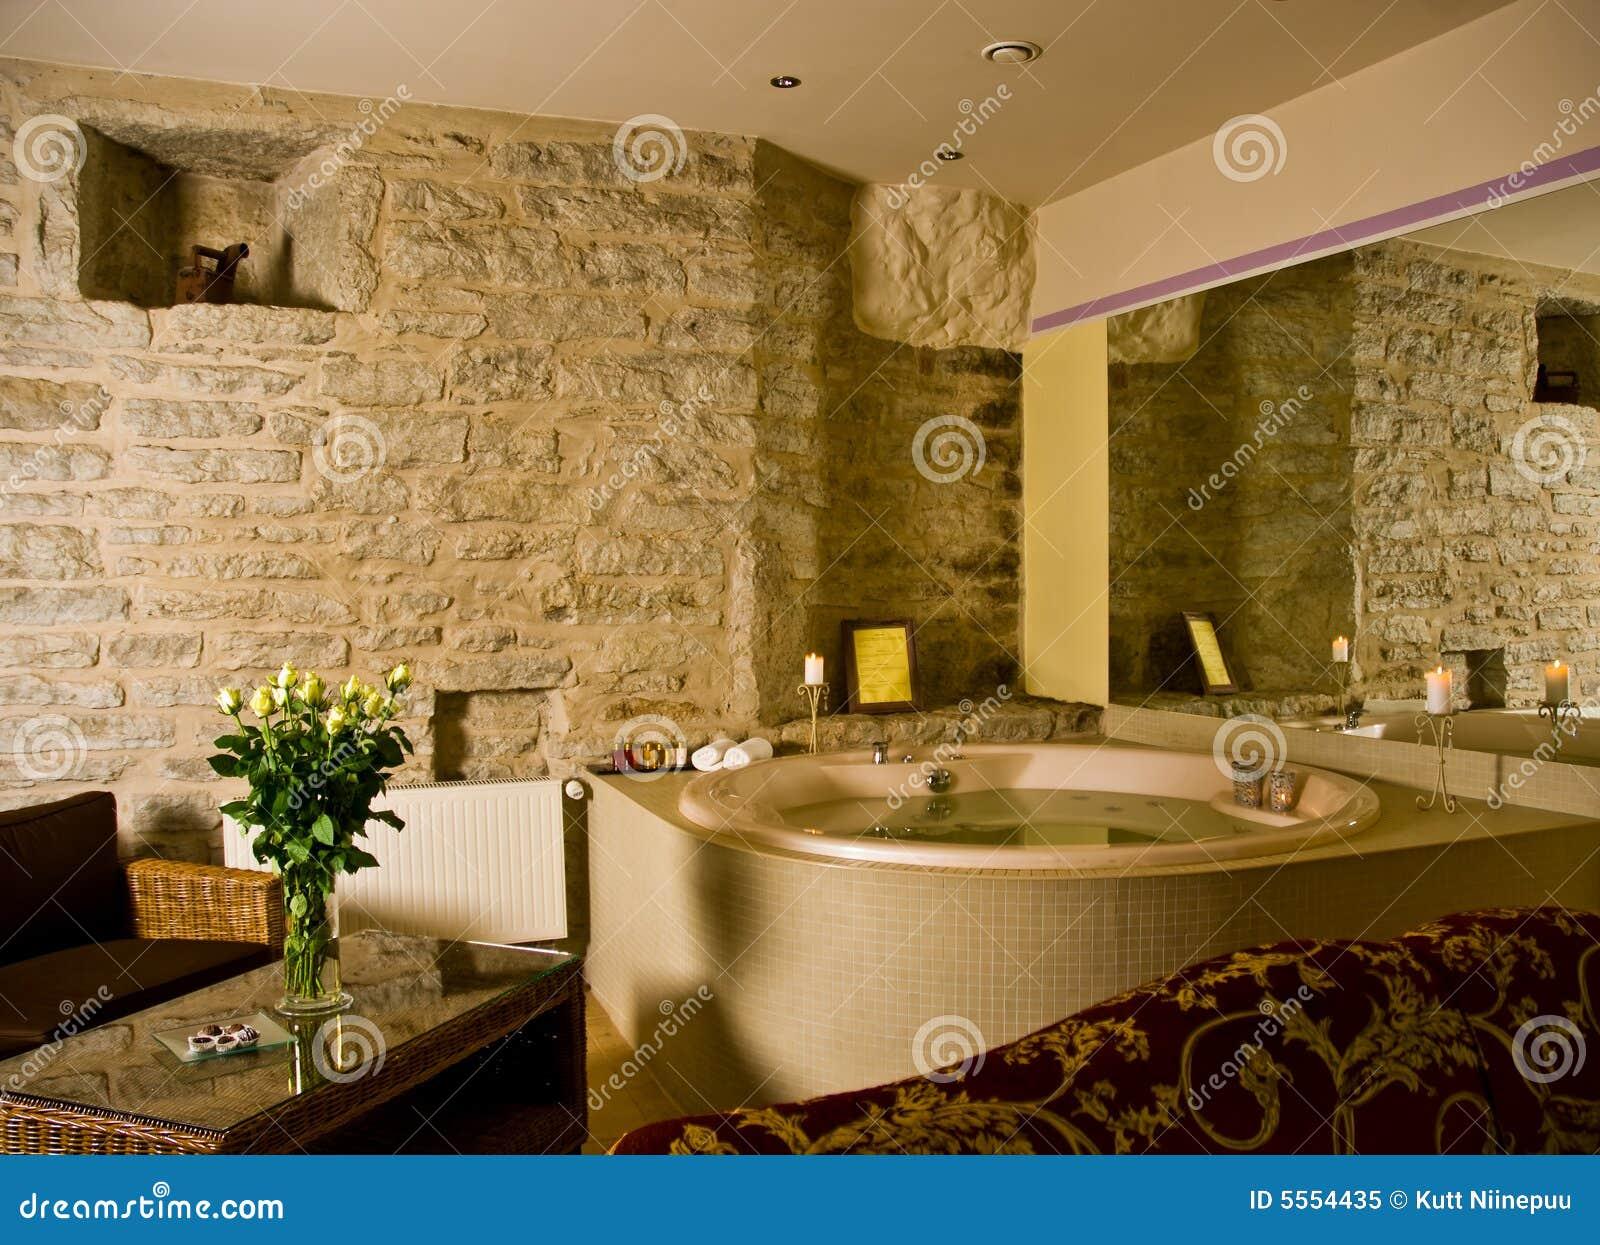 jacuzzi l 39 int rieur d 39 une chambre d 39 h tel photo libre de. Black Bedroom Furniture Sets. Home Design Ideas